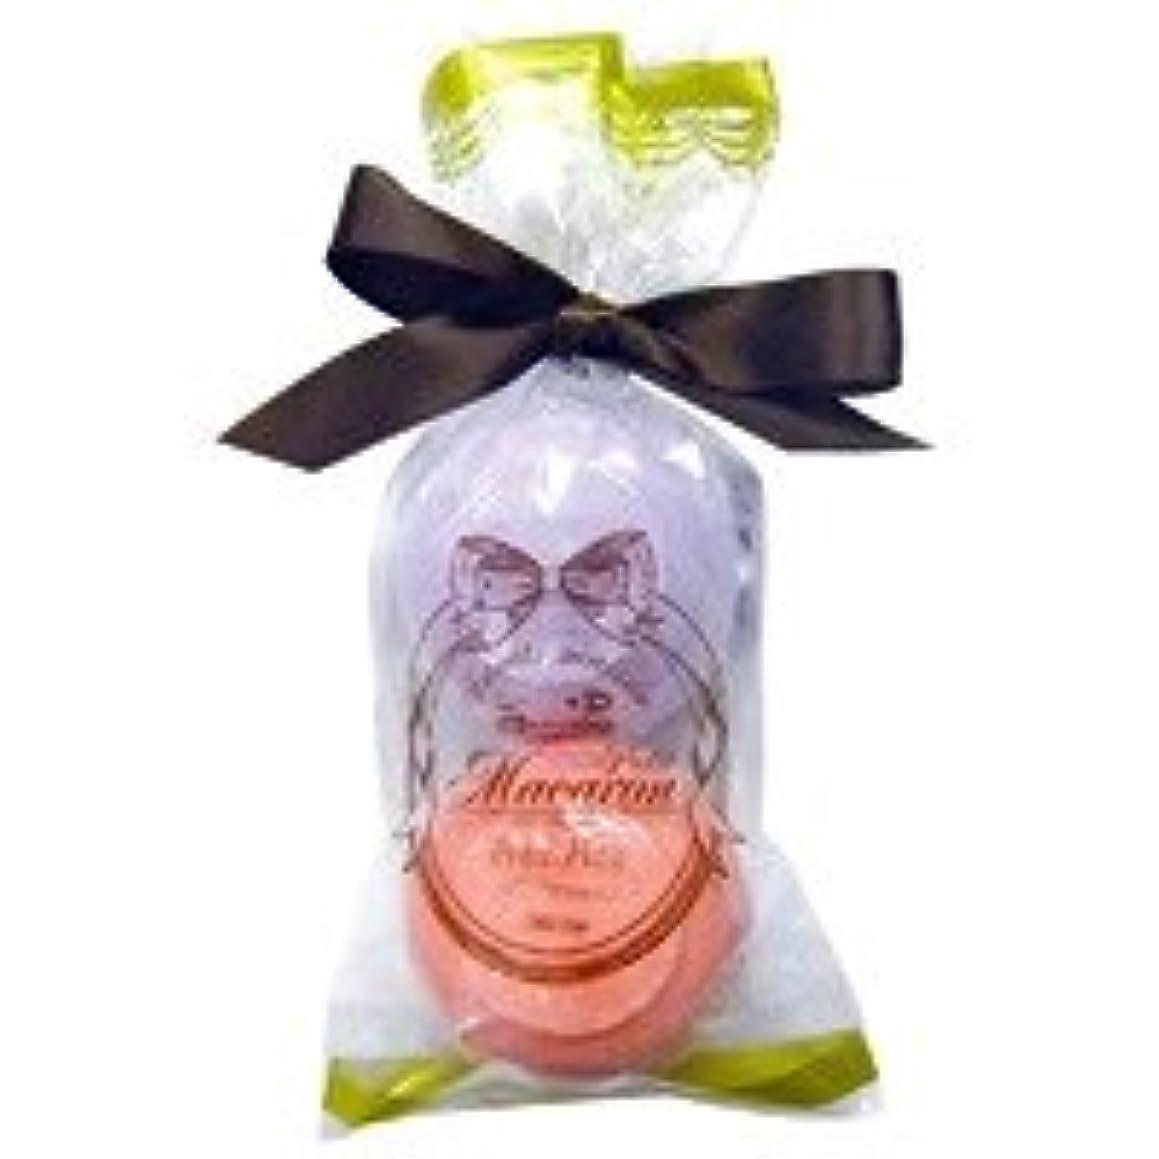 色合いトライアスリートおとこスウィーツメゾン プチマカロンミニセット「パープル&ダークピンク」6個セット フルーティーなザクロの香り&華やかなローズの香り